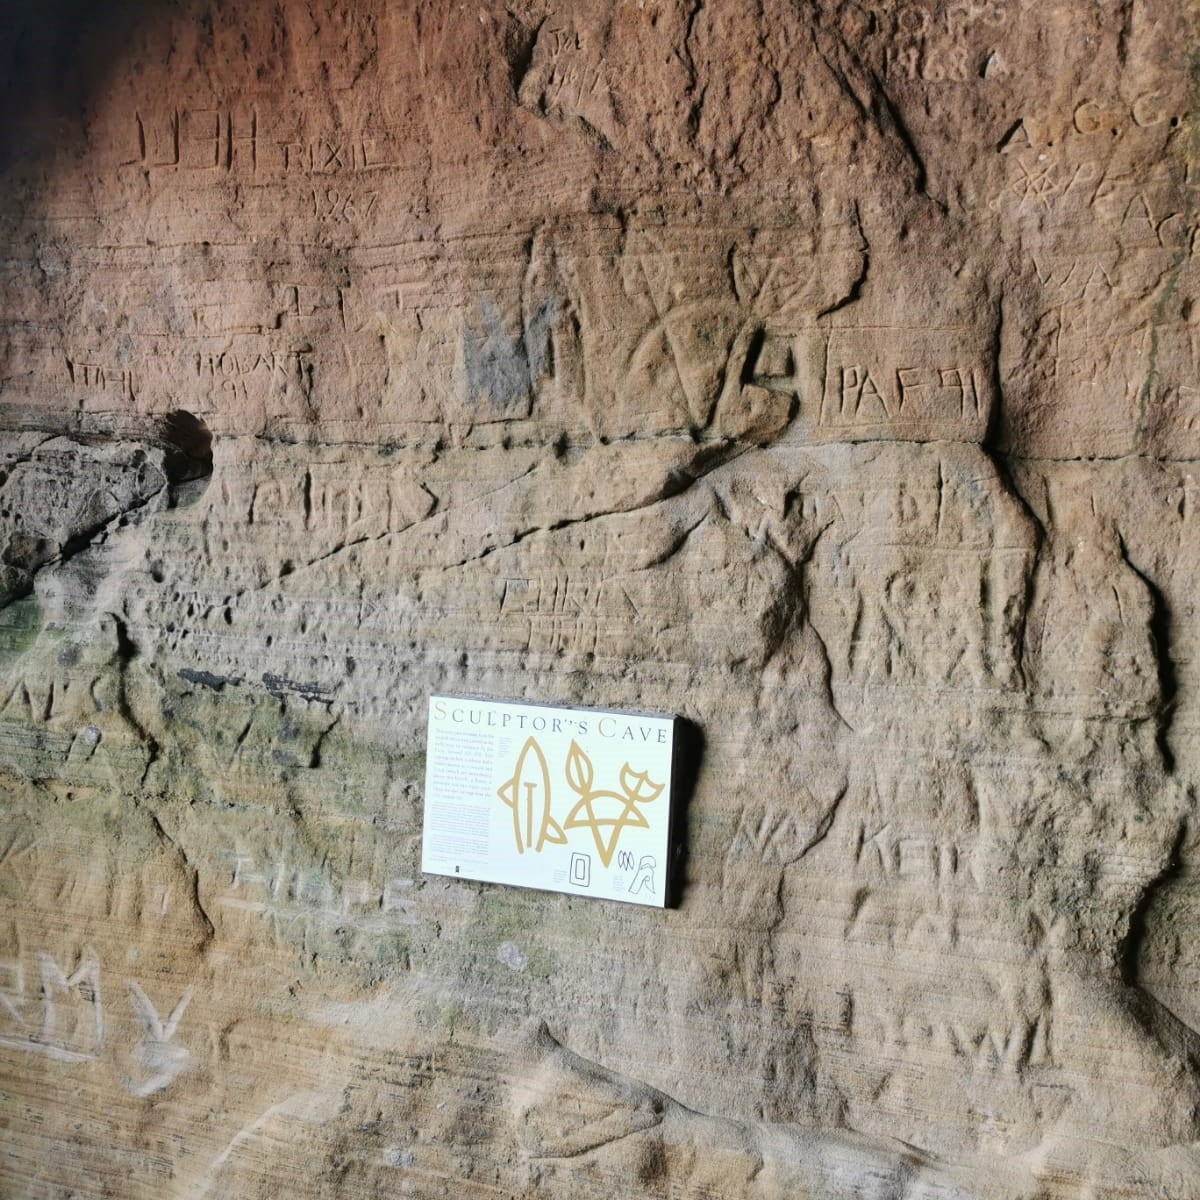 Carvings at Sculptors Cave